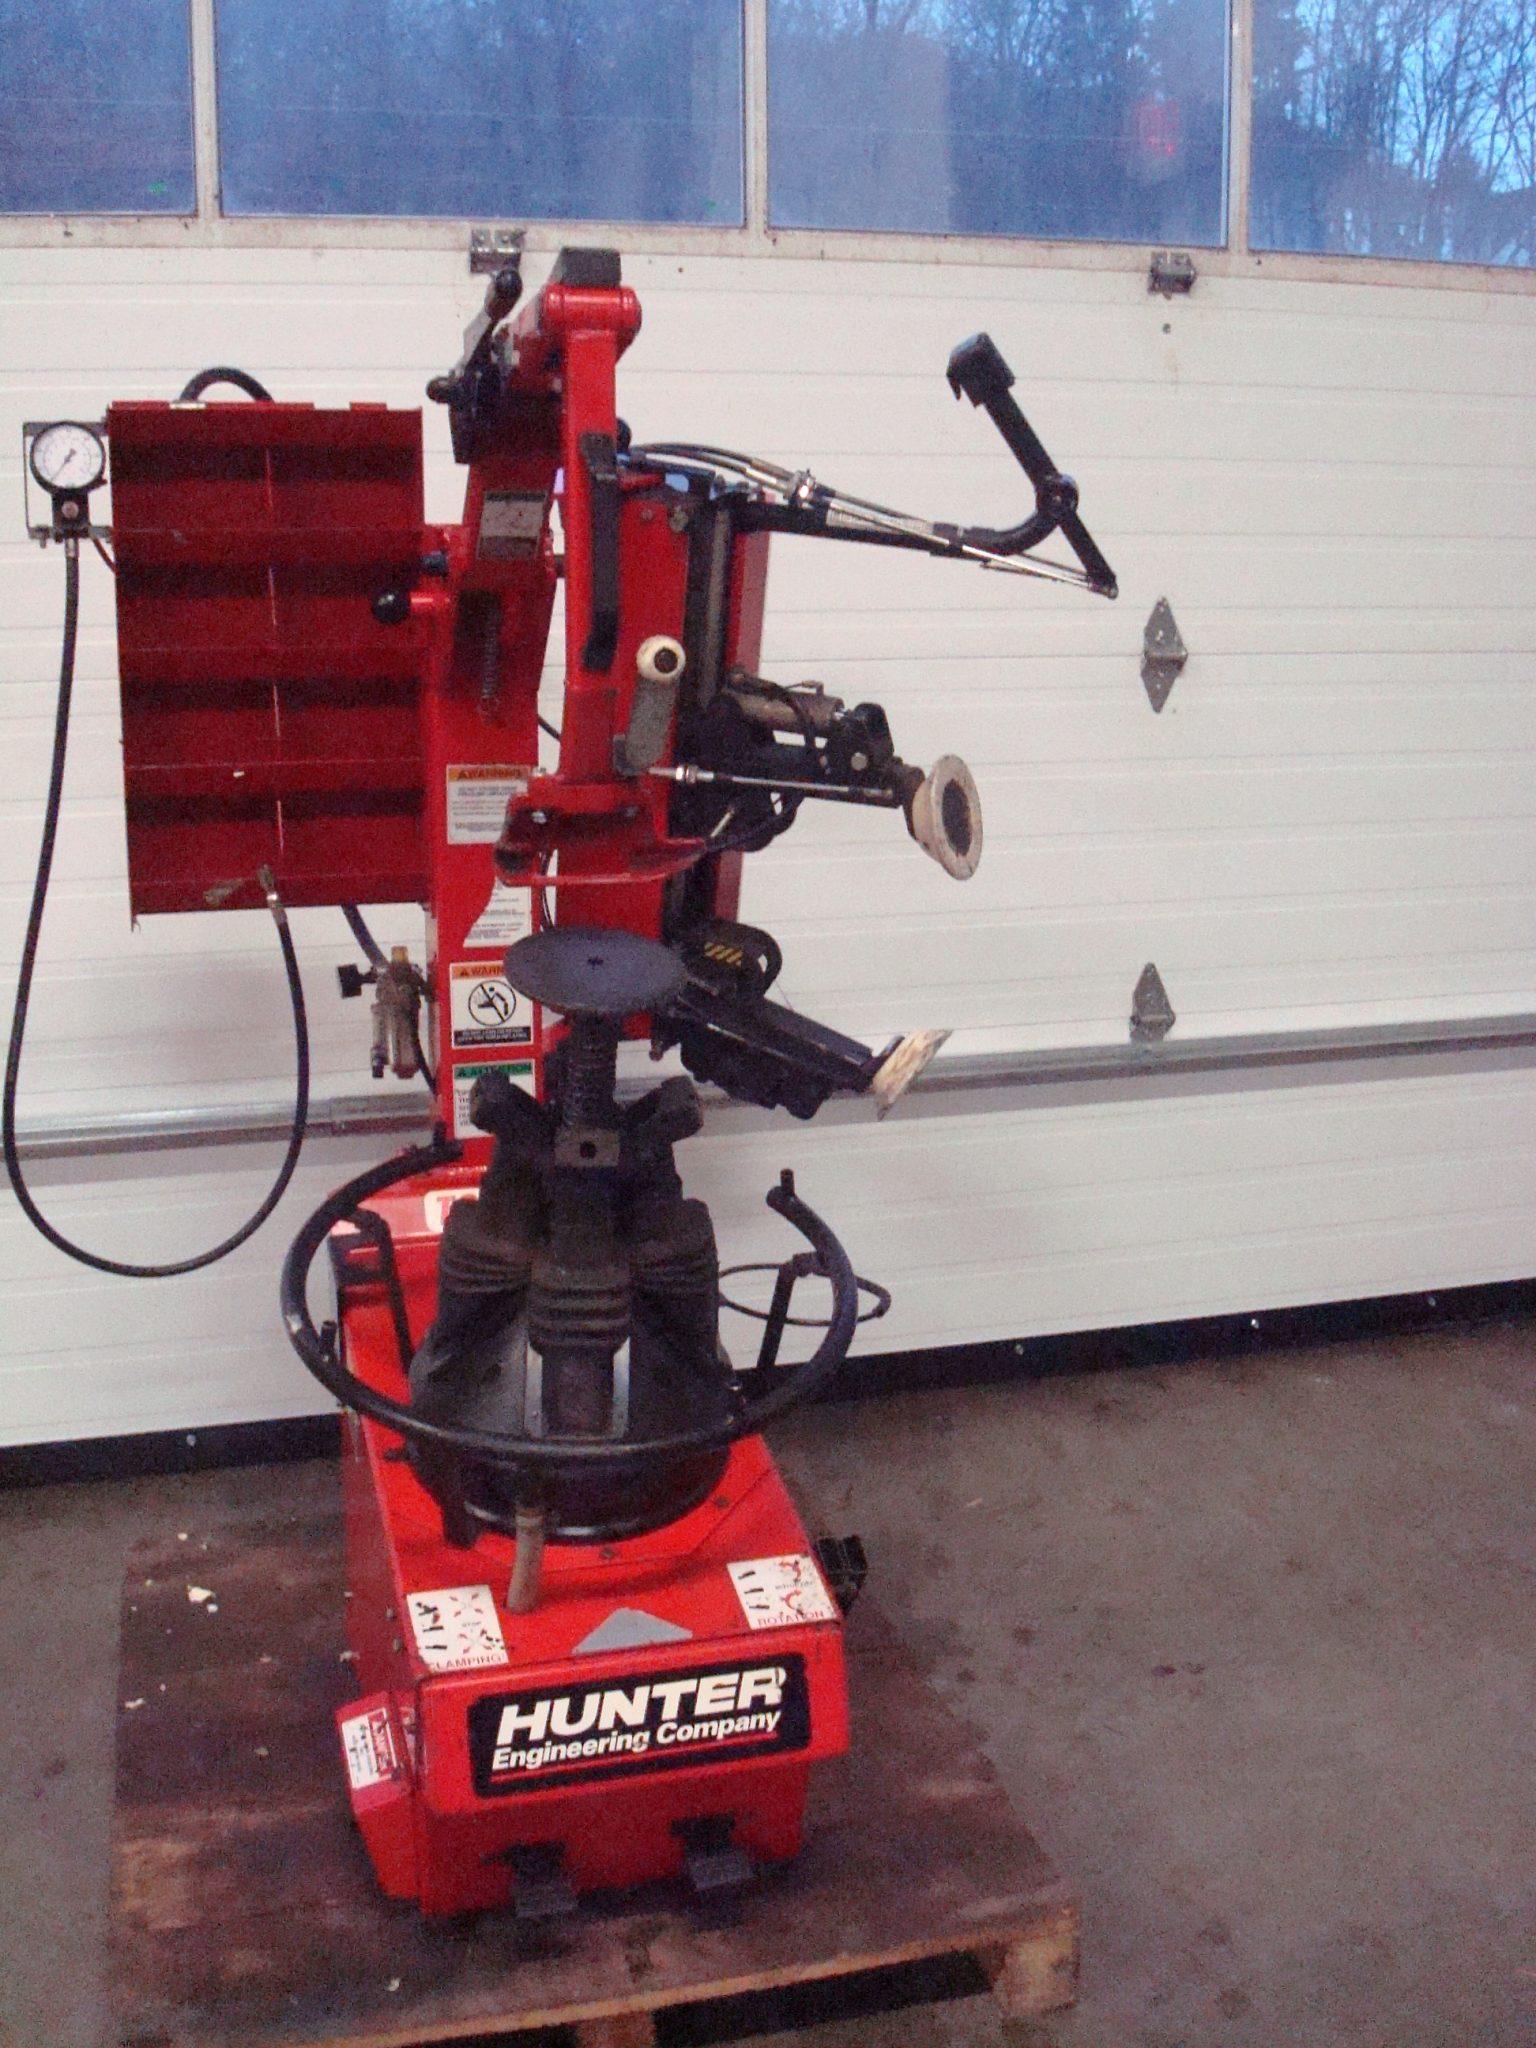 Used Auto Repair Equipment In Connecticut Massachusetts